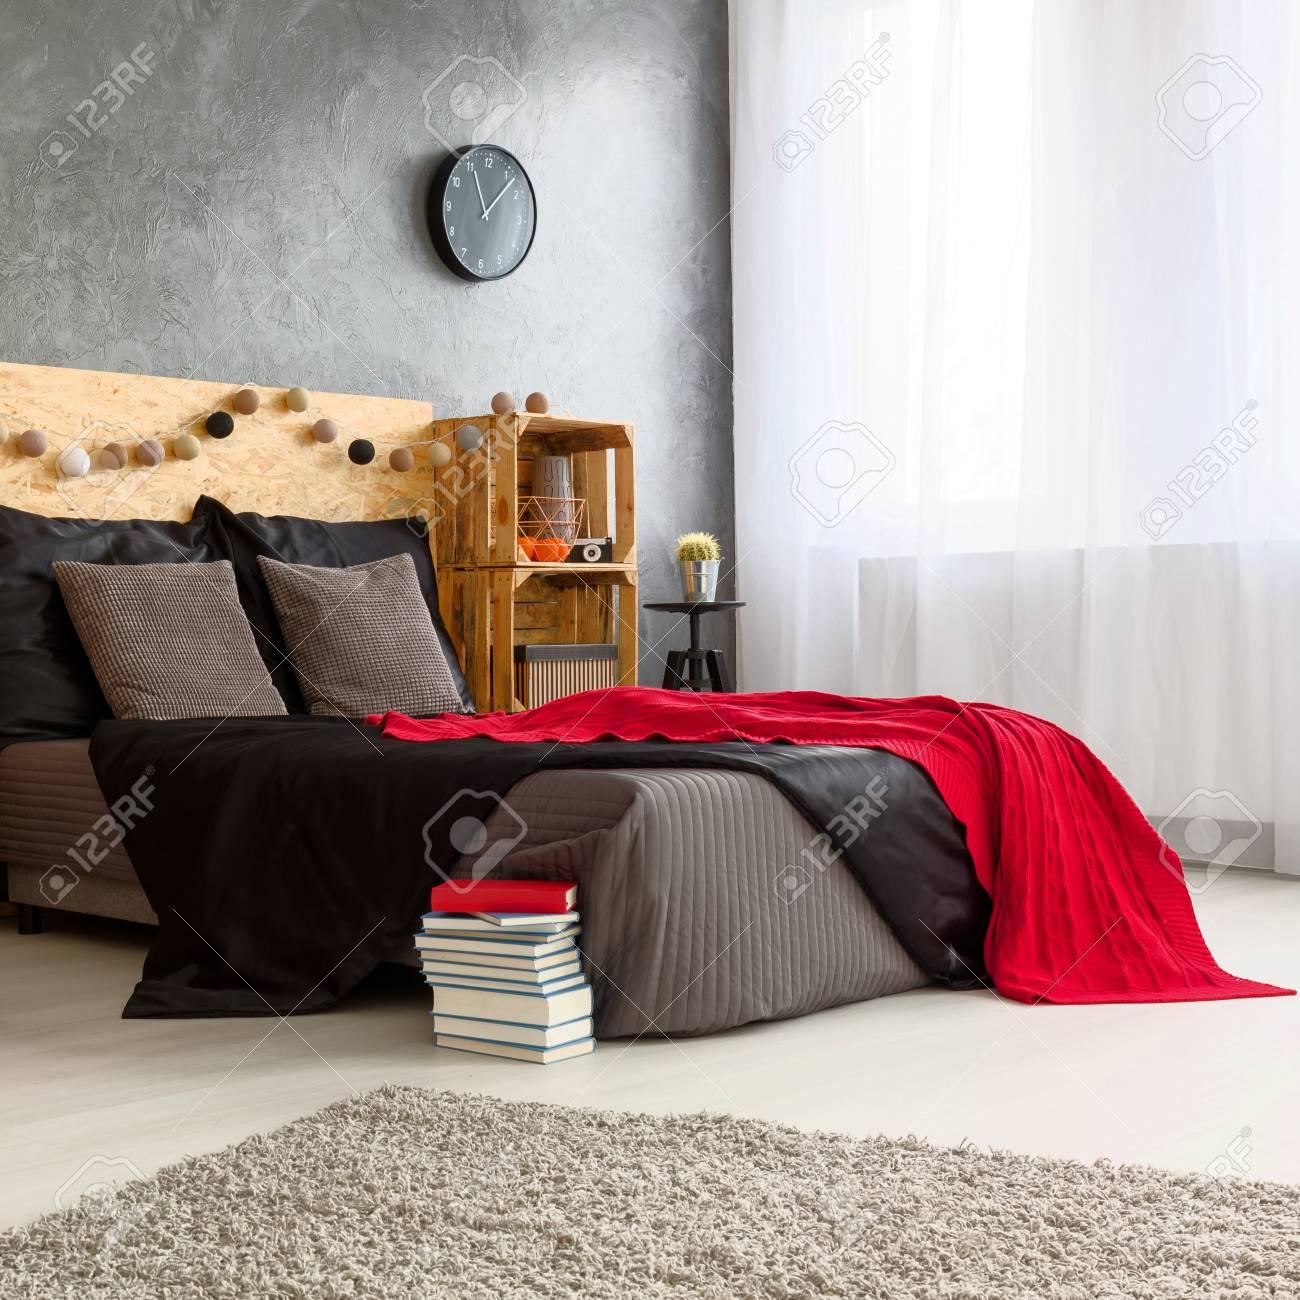 modernes schlafzimmer design, modernes schwarz rot weiß schlafzimmer design lizenzfreie fotos, Design ideen